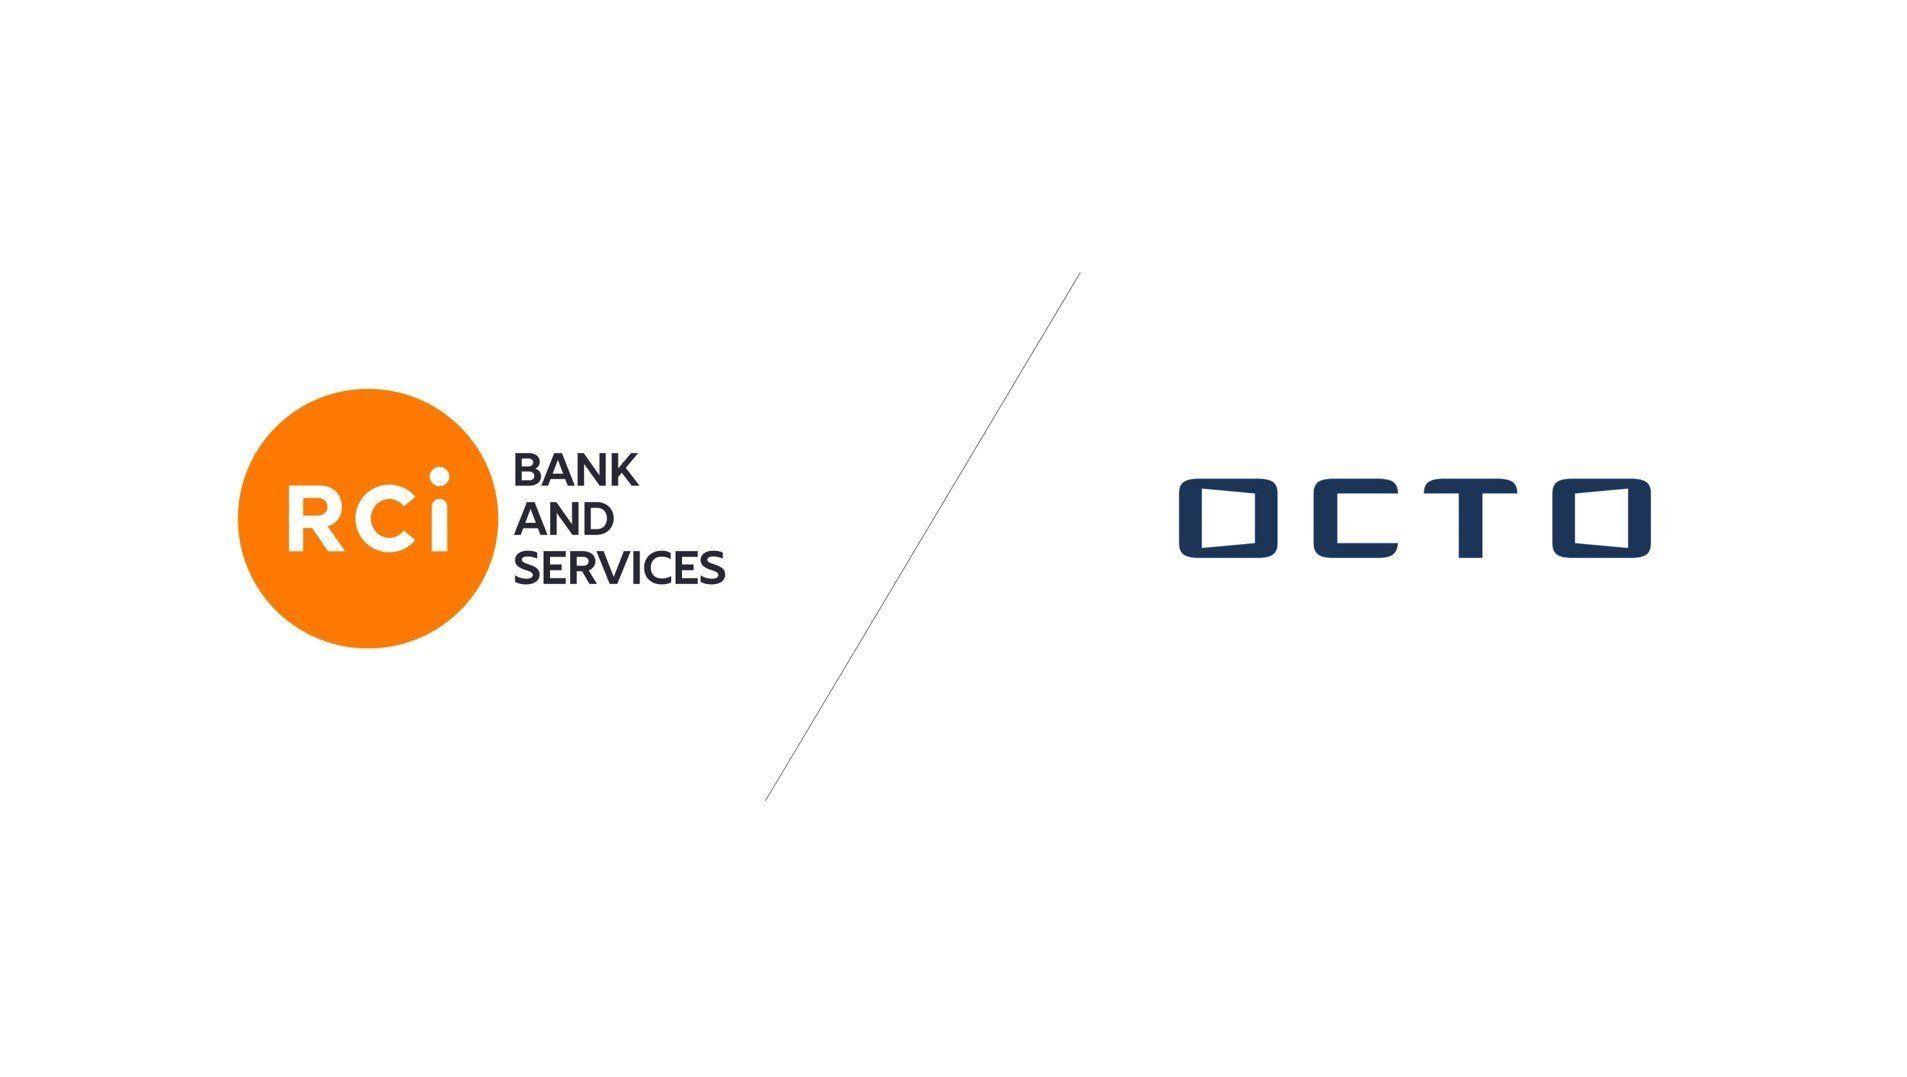 OCTO TELEMATICS заключила партнерское соглашение с RCI BANK AND SERVICES О ПРЕДОСТАВЛЕНИИ глобальной аналитической ДАННЫХ АВТОМОБИЛЬНОЙ телематики